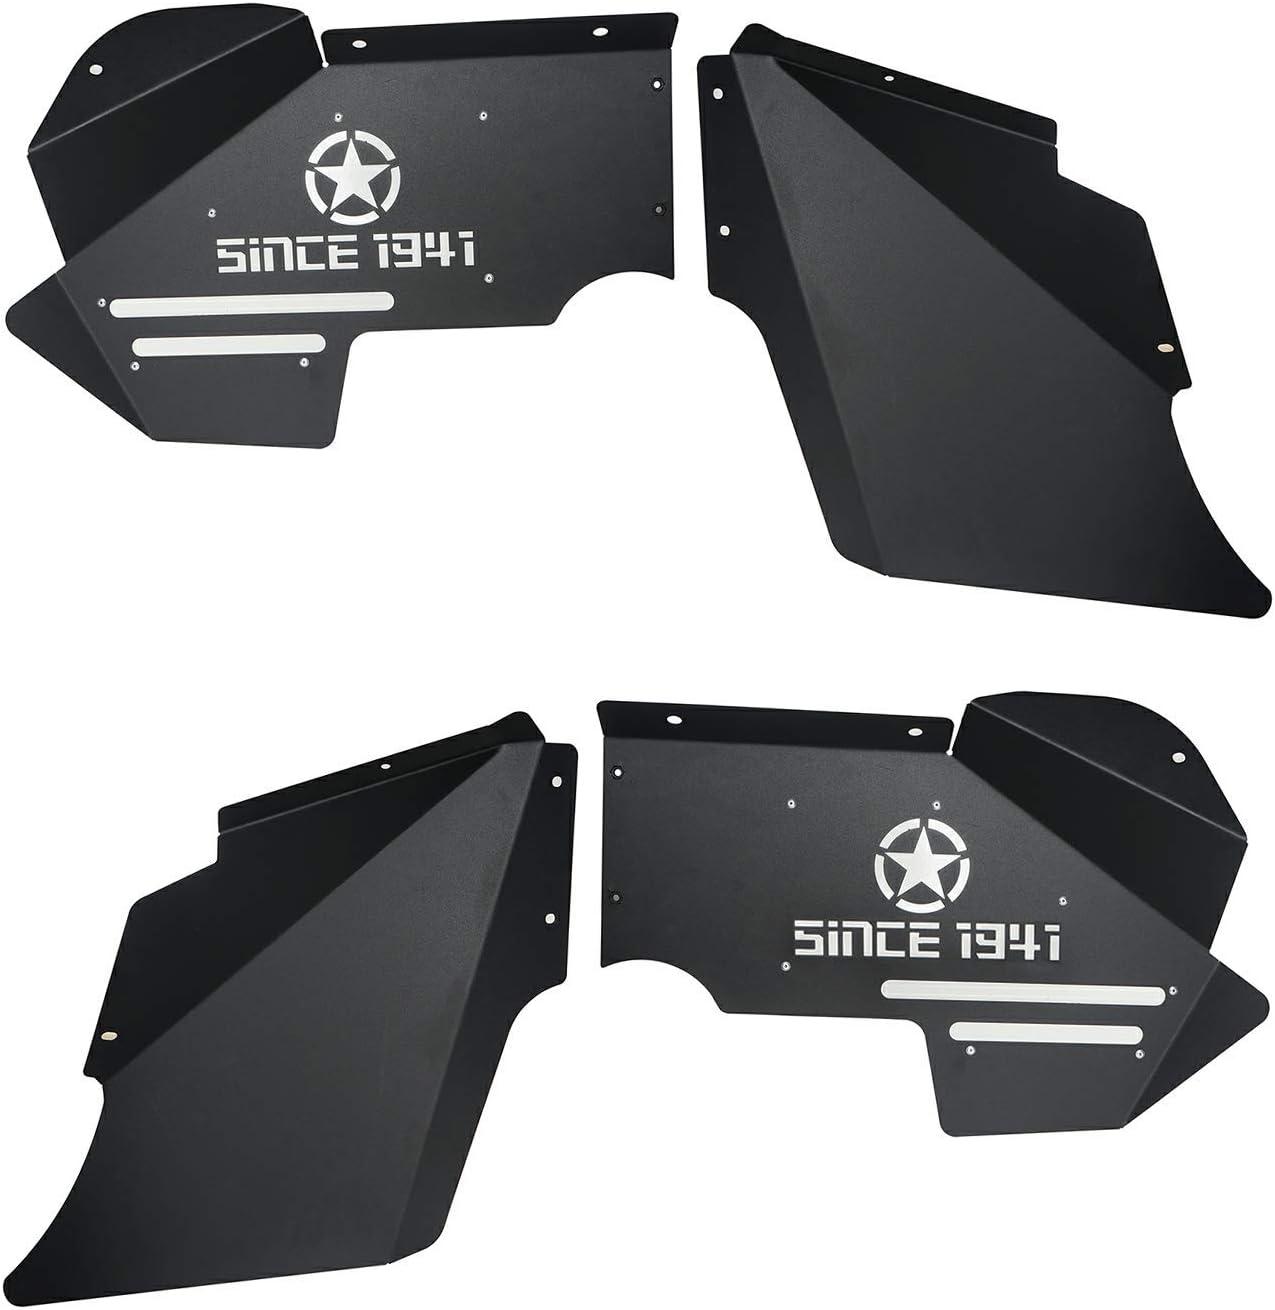 Front Inner Fender Liners Kit for 2007-2018 Jeep Wrangler JK /& Unlimited Accessories Hooke Road Jeep Wrangler JK Steel Fender Flares